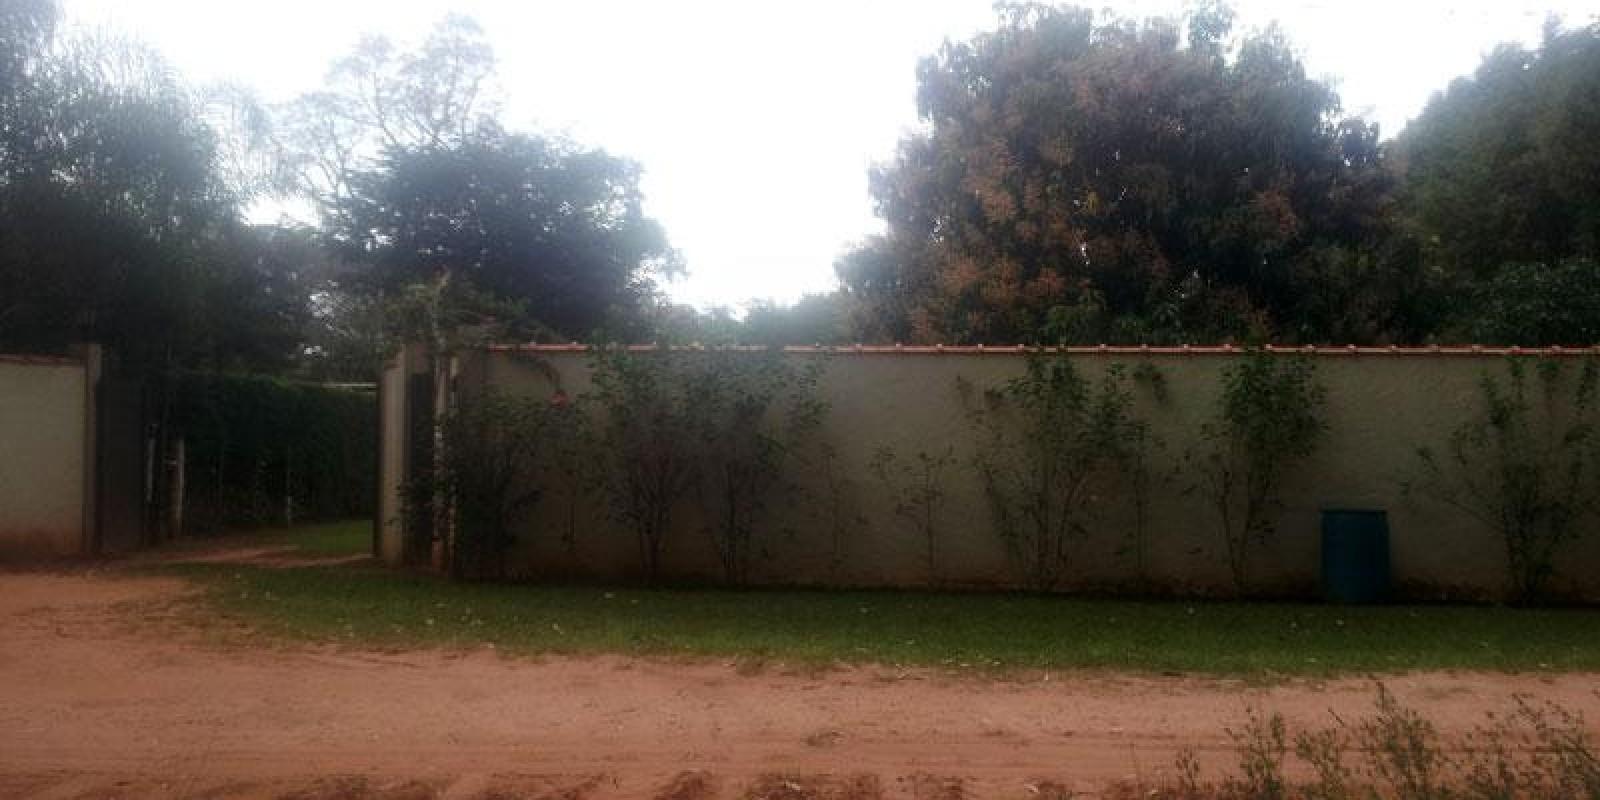 Casa na Represa Costa Azul em Avaré SP - Foto 1 de 20